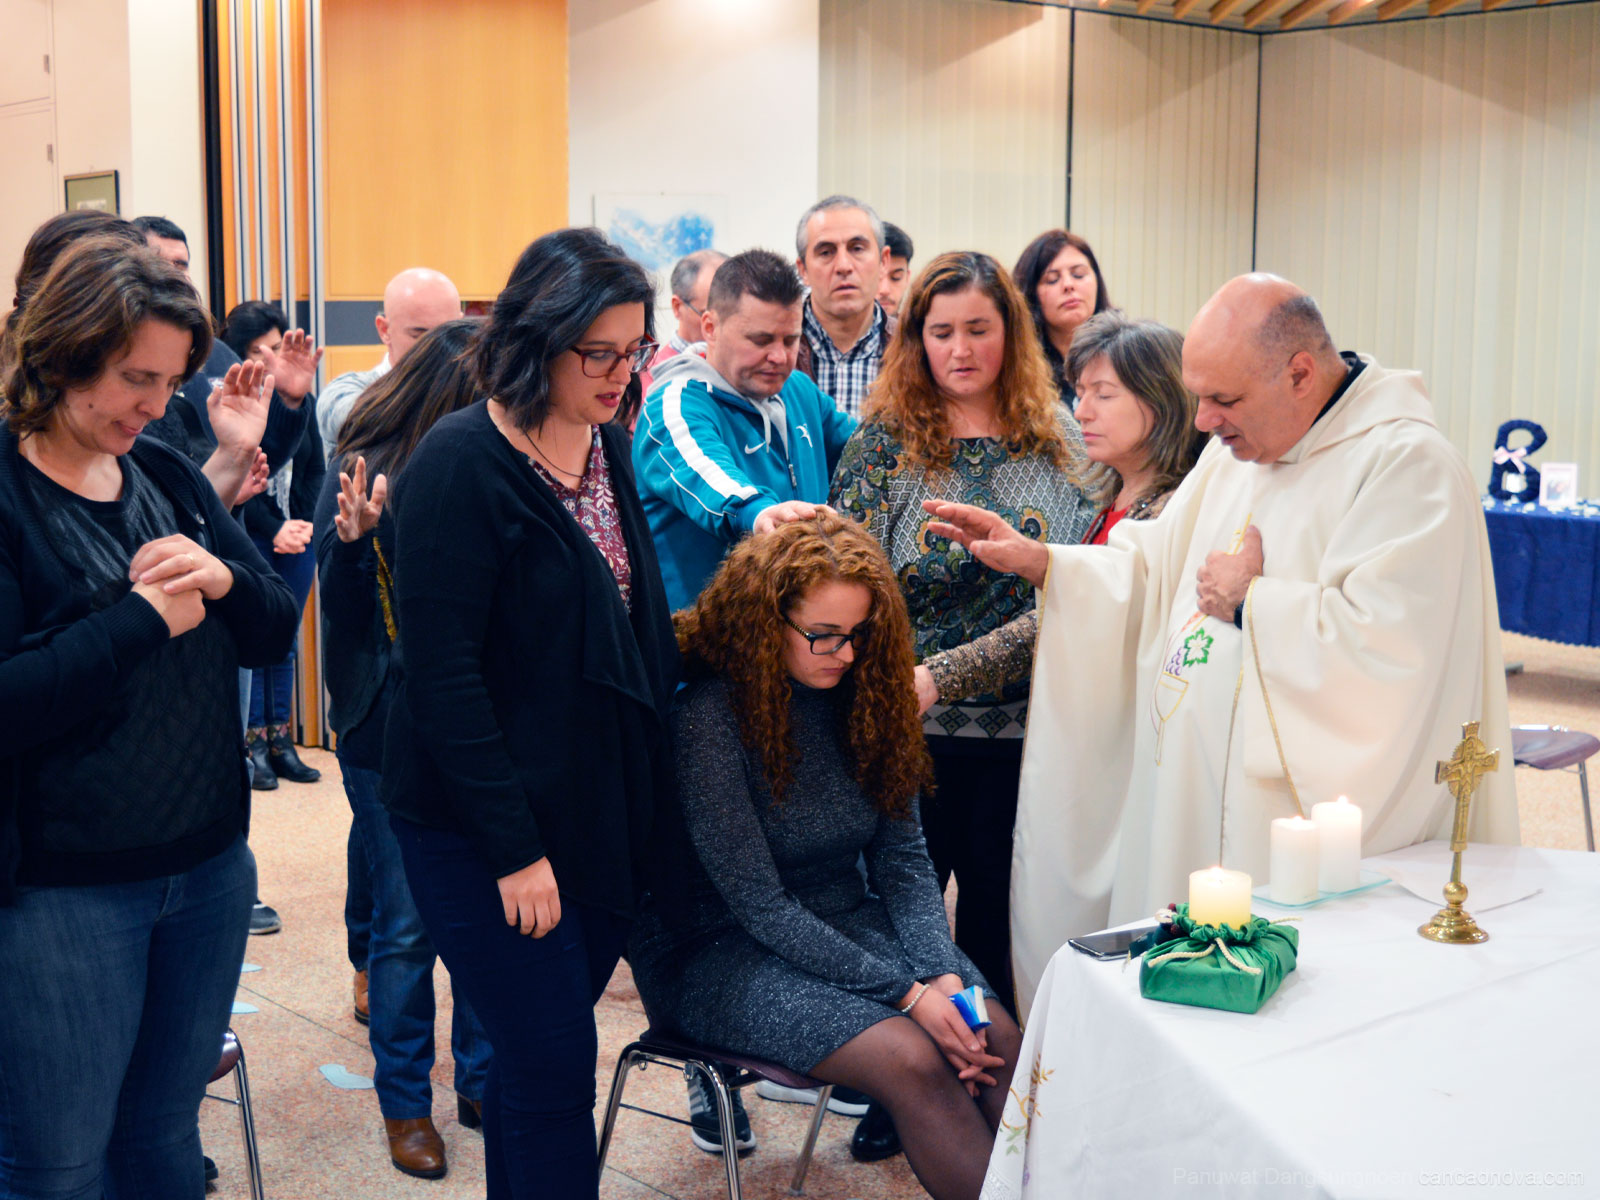 Missa de envio para a Comunidade Canção Nova | Foto: Arquivo pessoal.